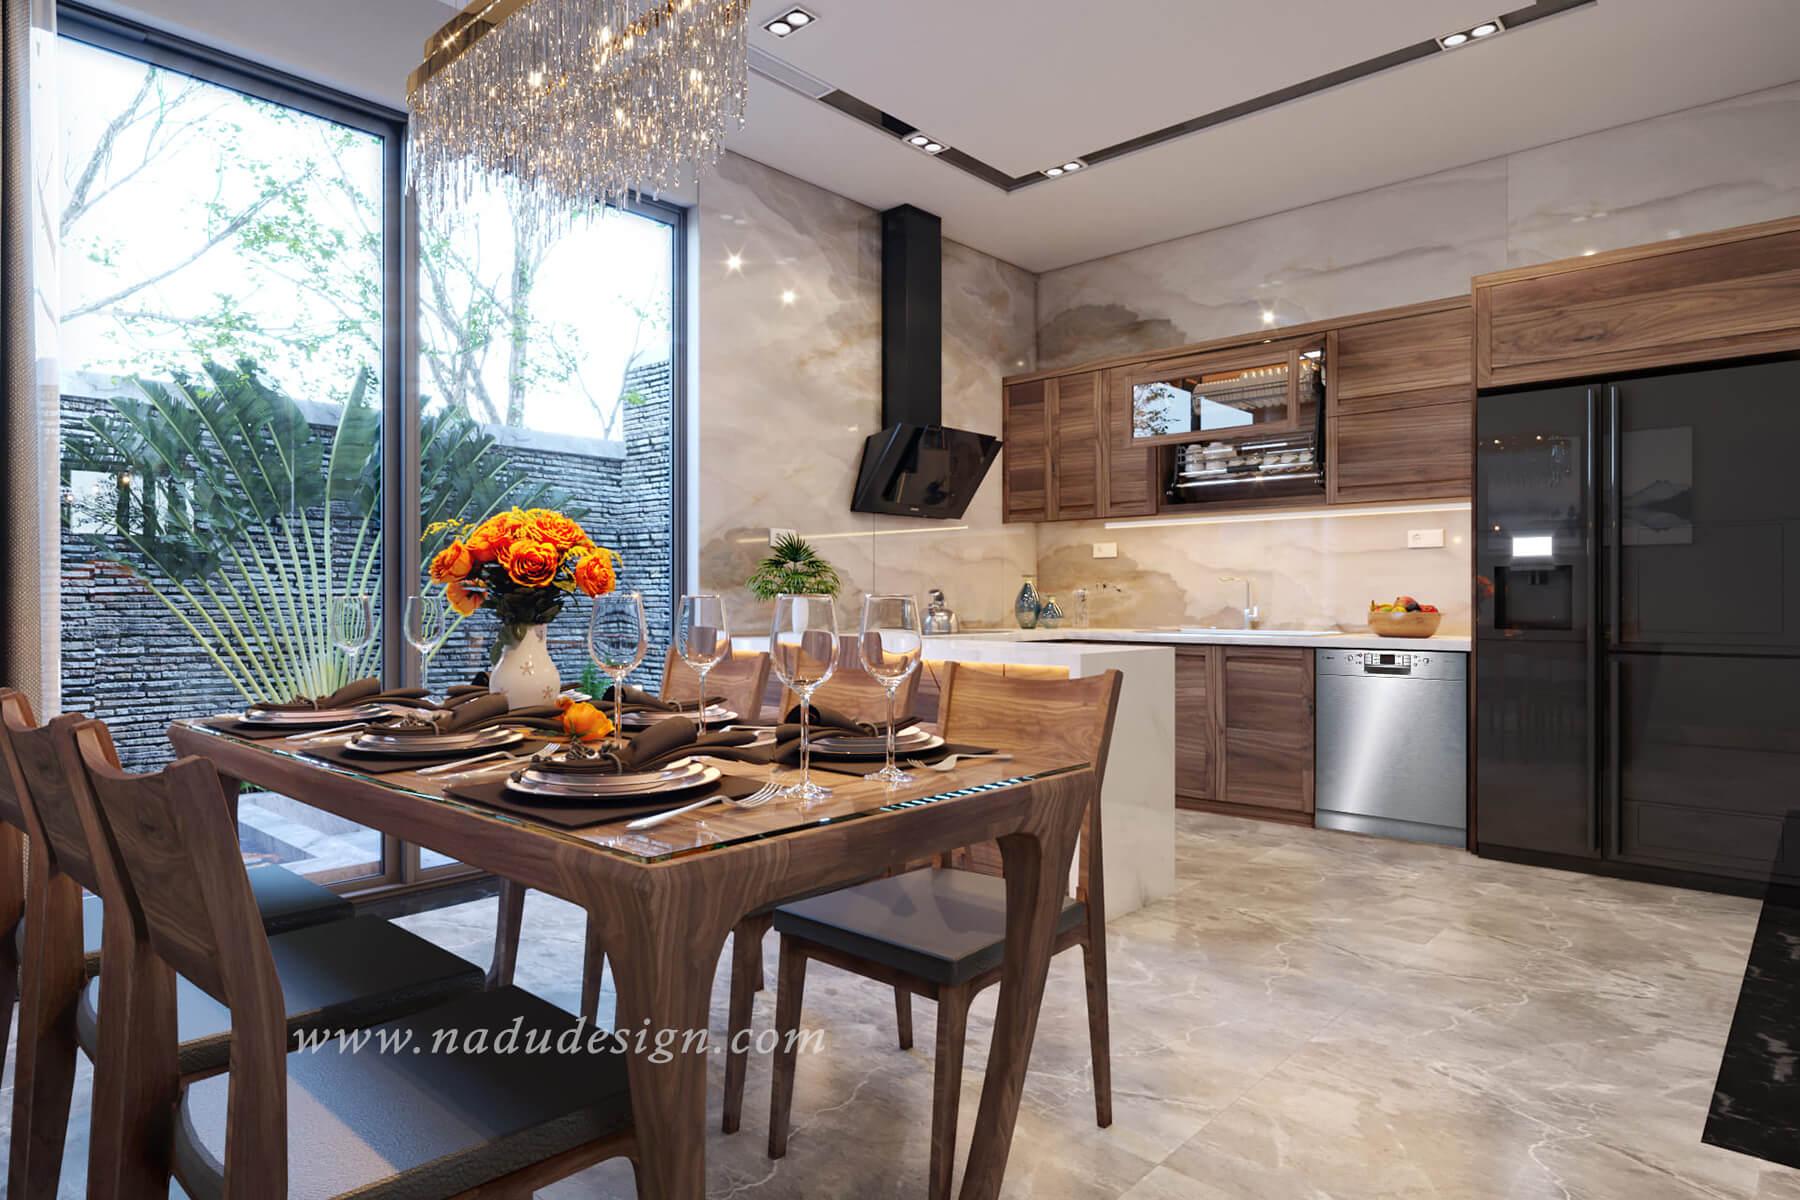 Thiết kế nội thất phòng bếp chung cư đẹp và hiện đại